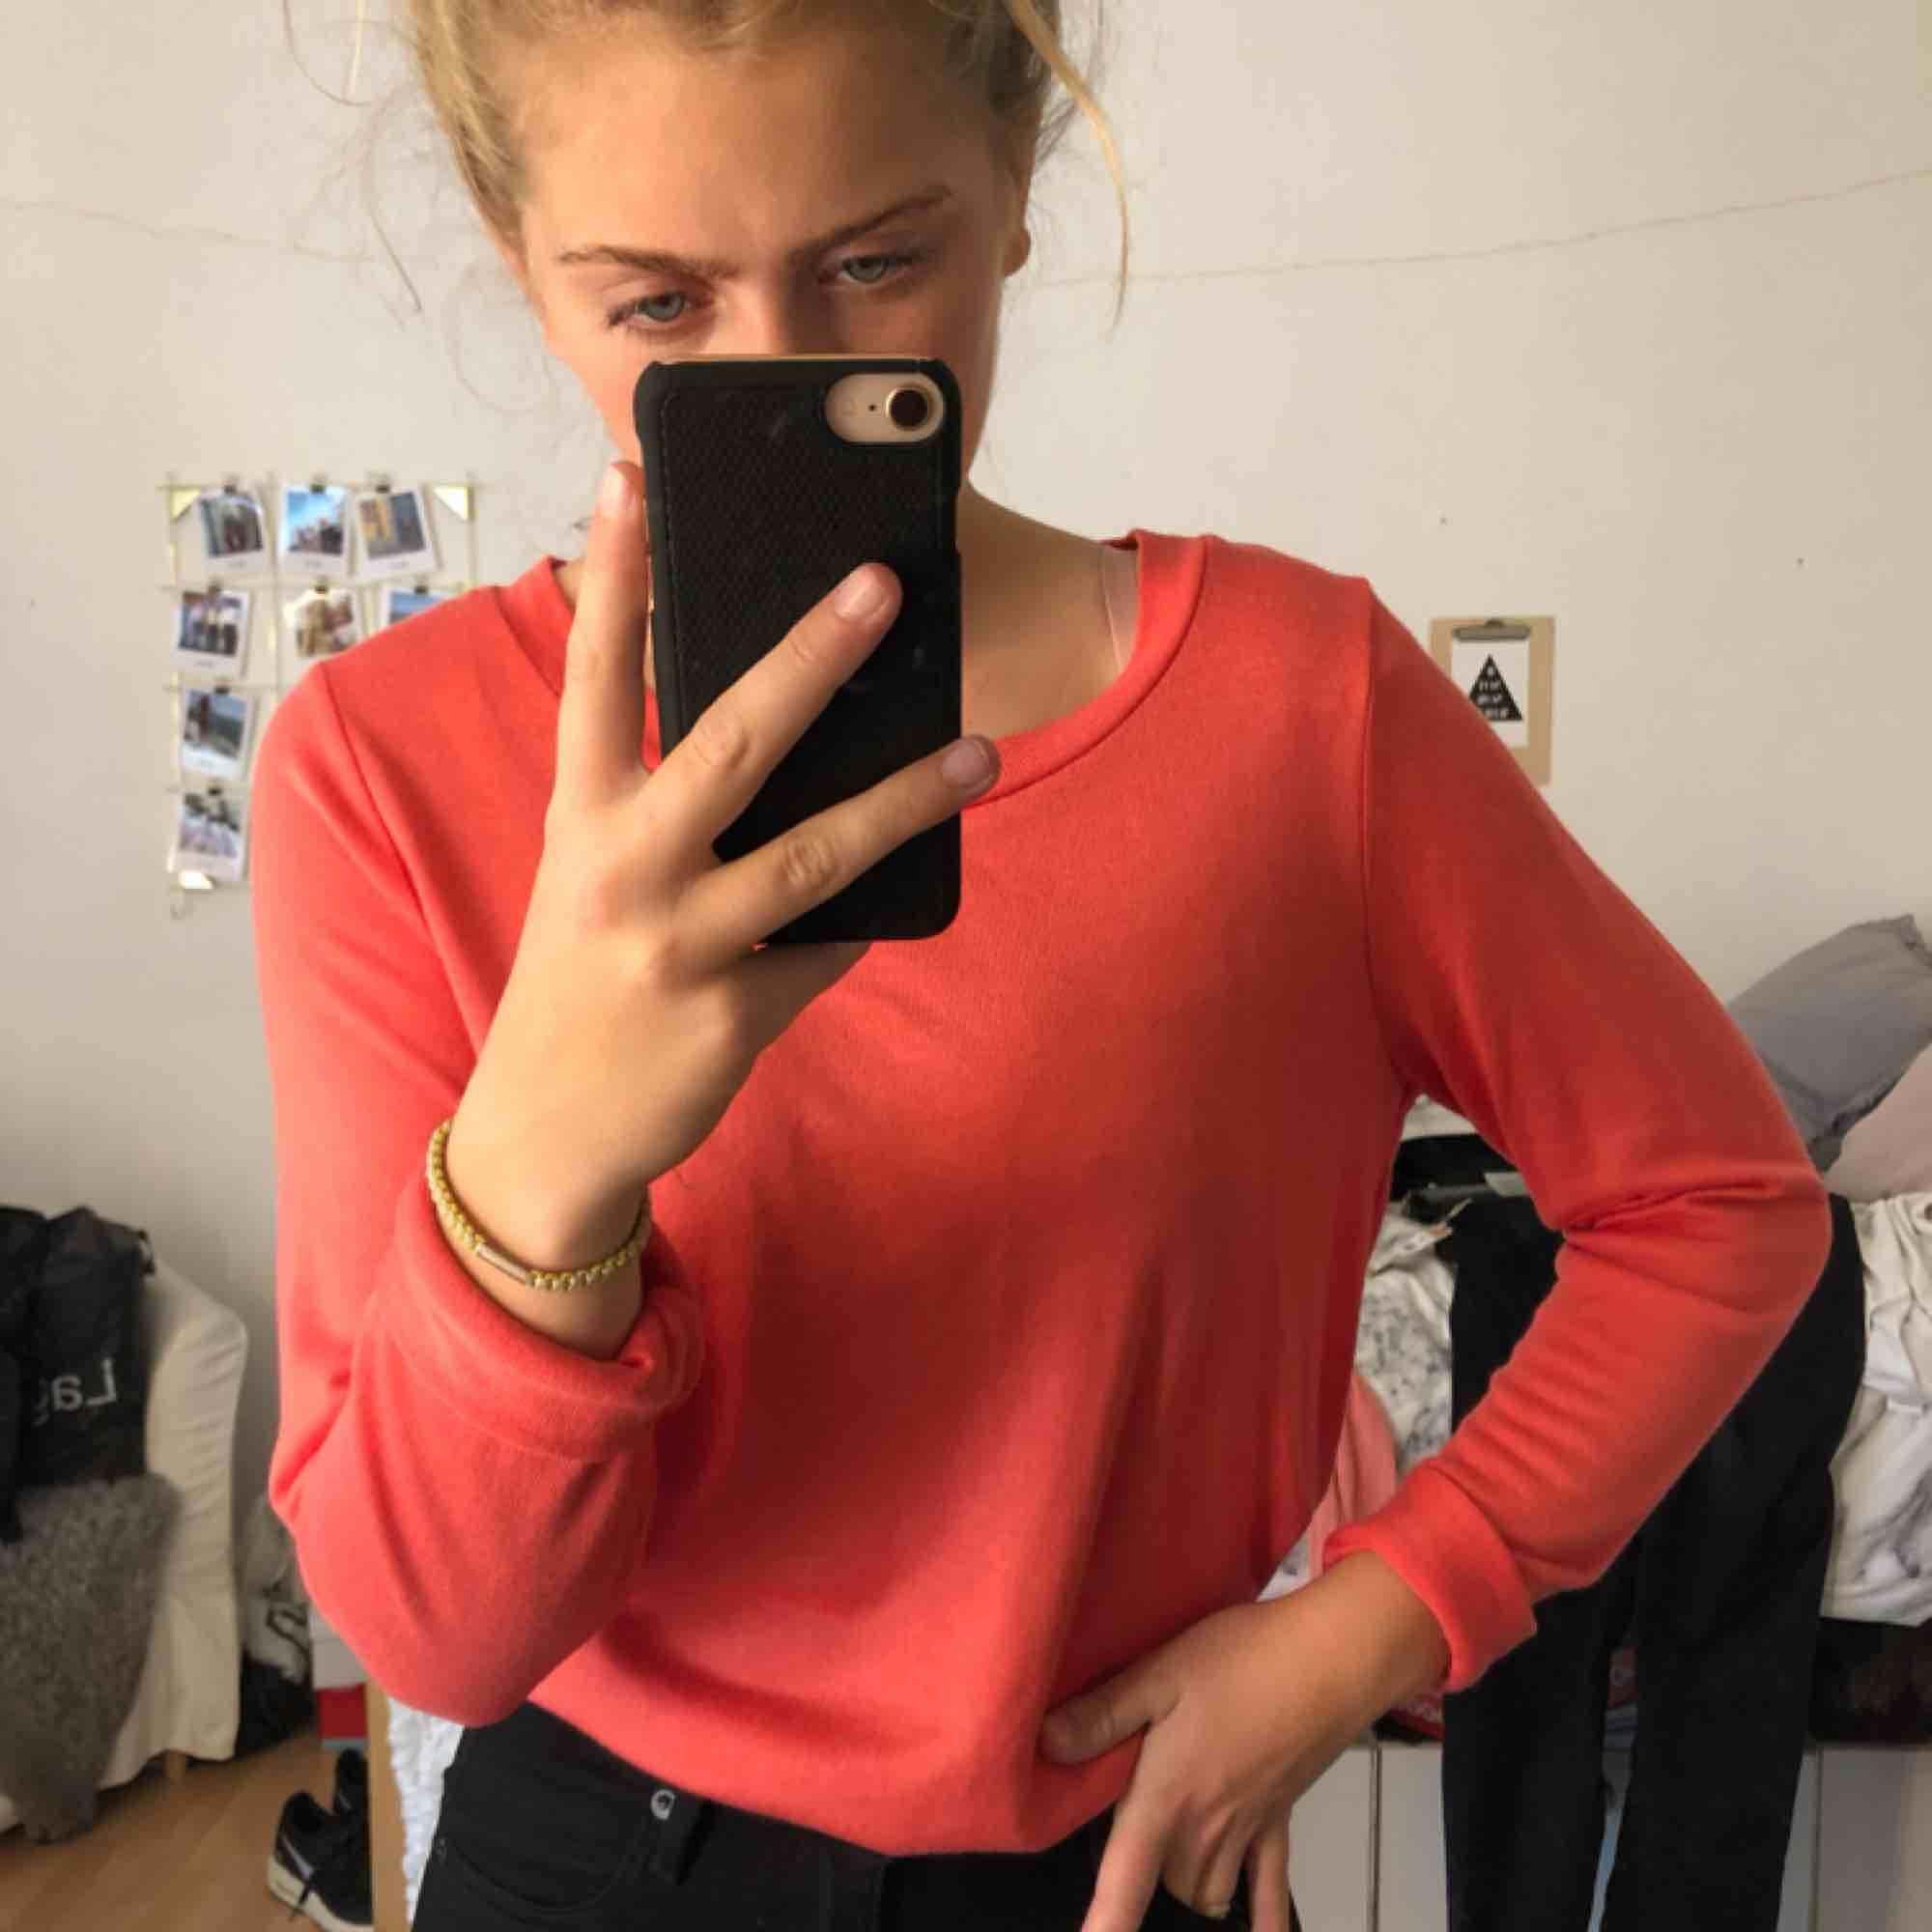 Helt ny tröja med prislapp kvar (kontakta för bildbevis) Köpt för 149kr och är i storleken L. Men passar även en M/S om man vill ha den lite mer oversize som jag. 😊. Tröjor & Koftor.